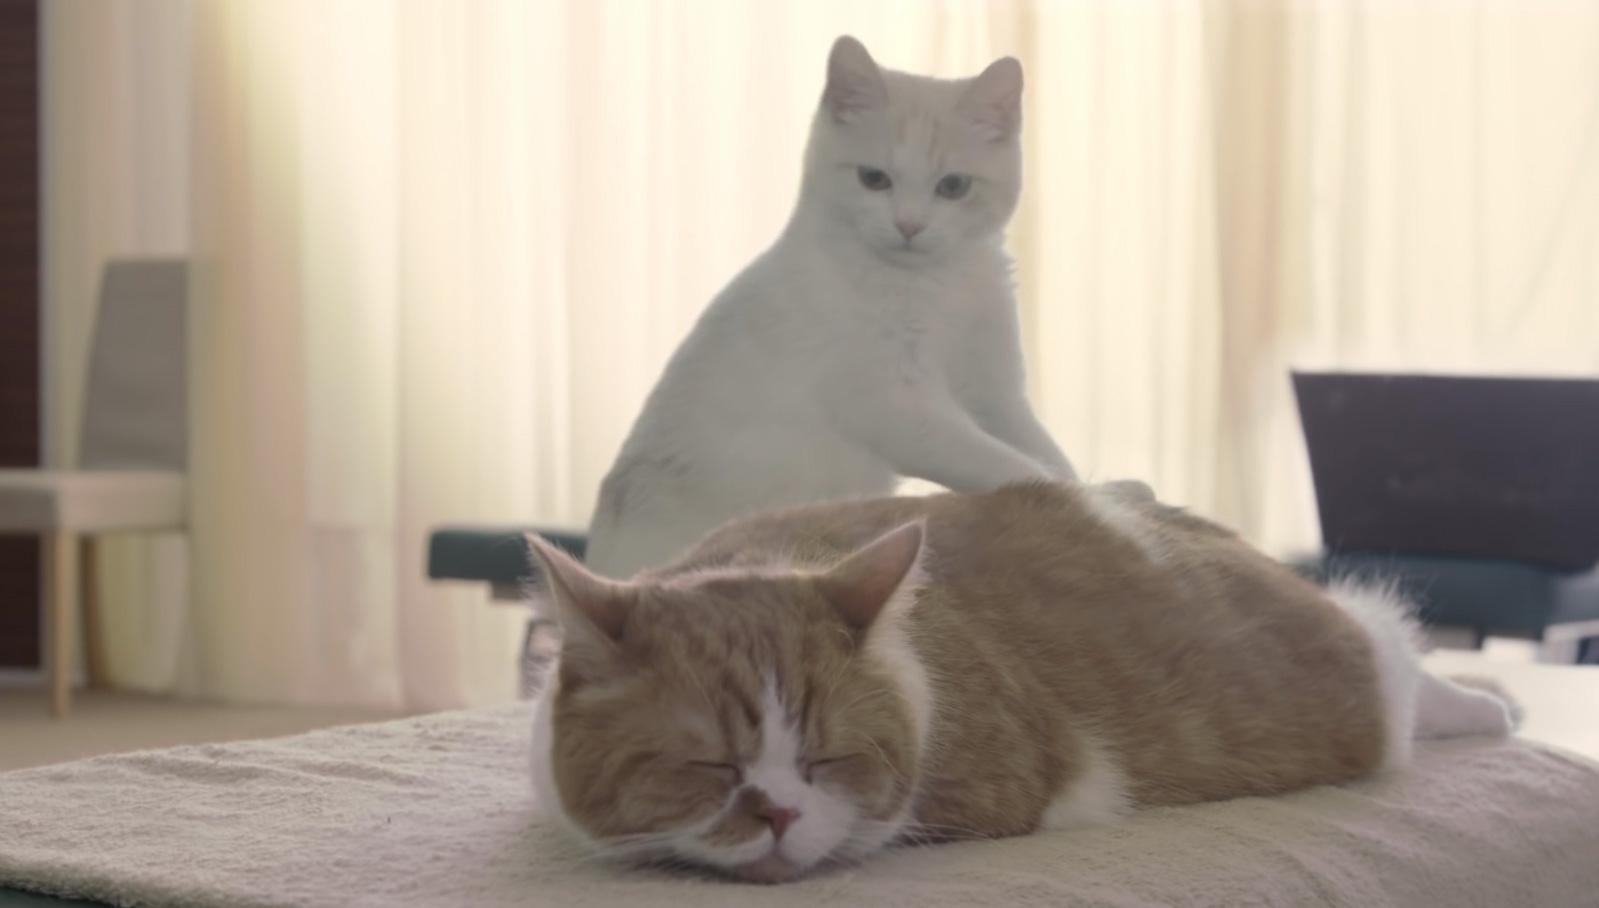 YモバイルCMでマッサージをする白猫の正体「あ〜そこそこ♪」